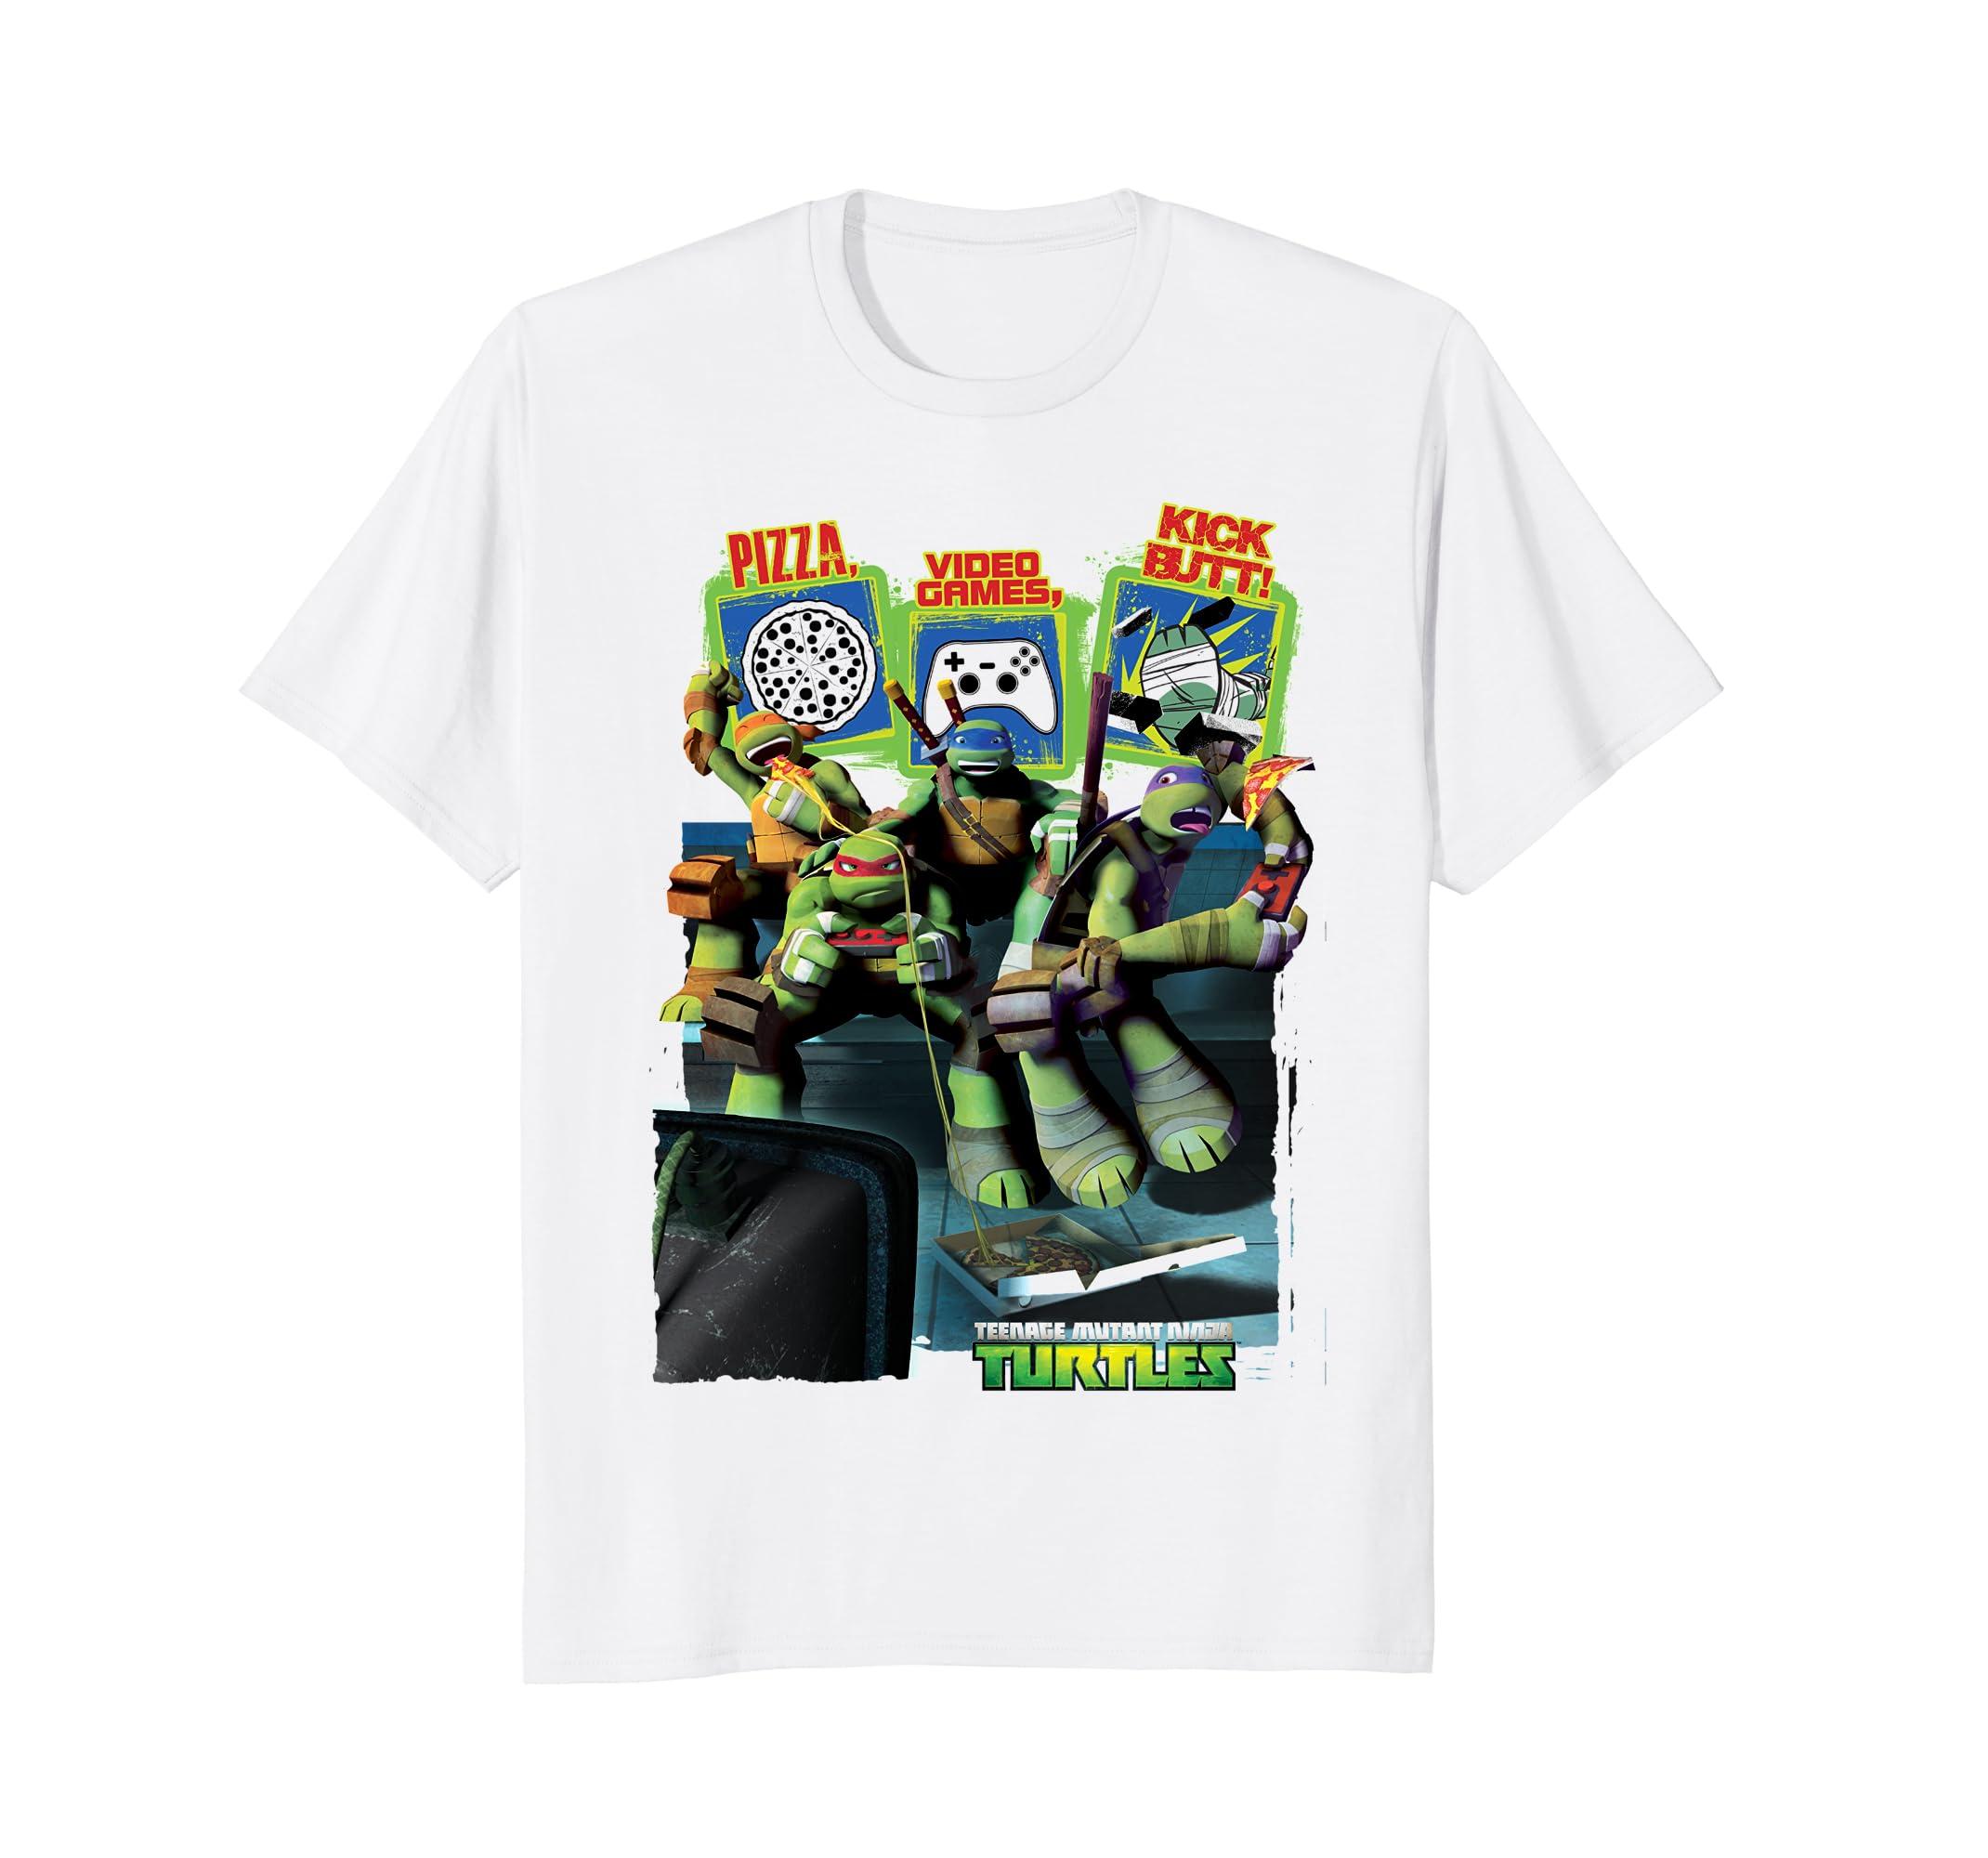 Amazon.com: Teenage Mutant Ninja Turtles Video Gaming T ...